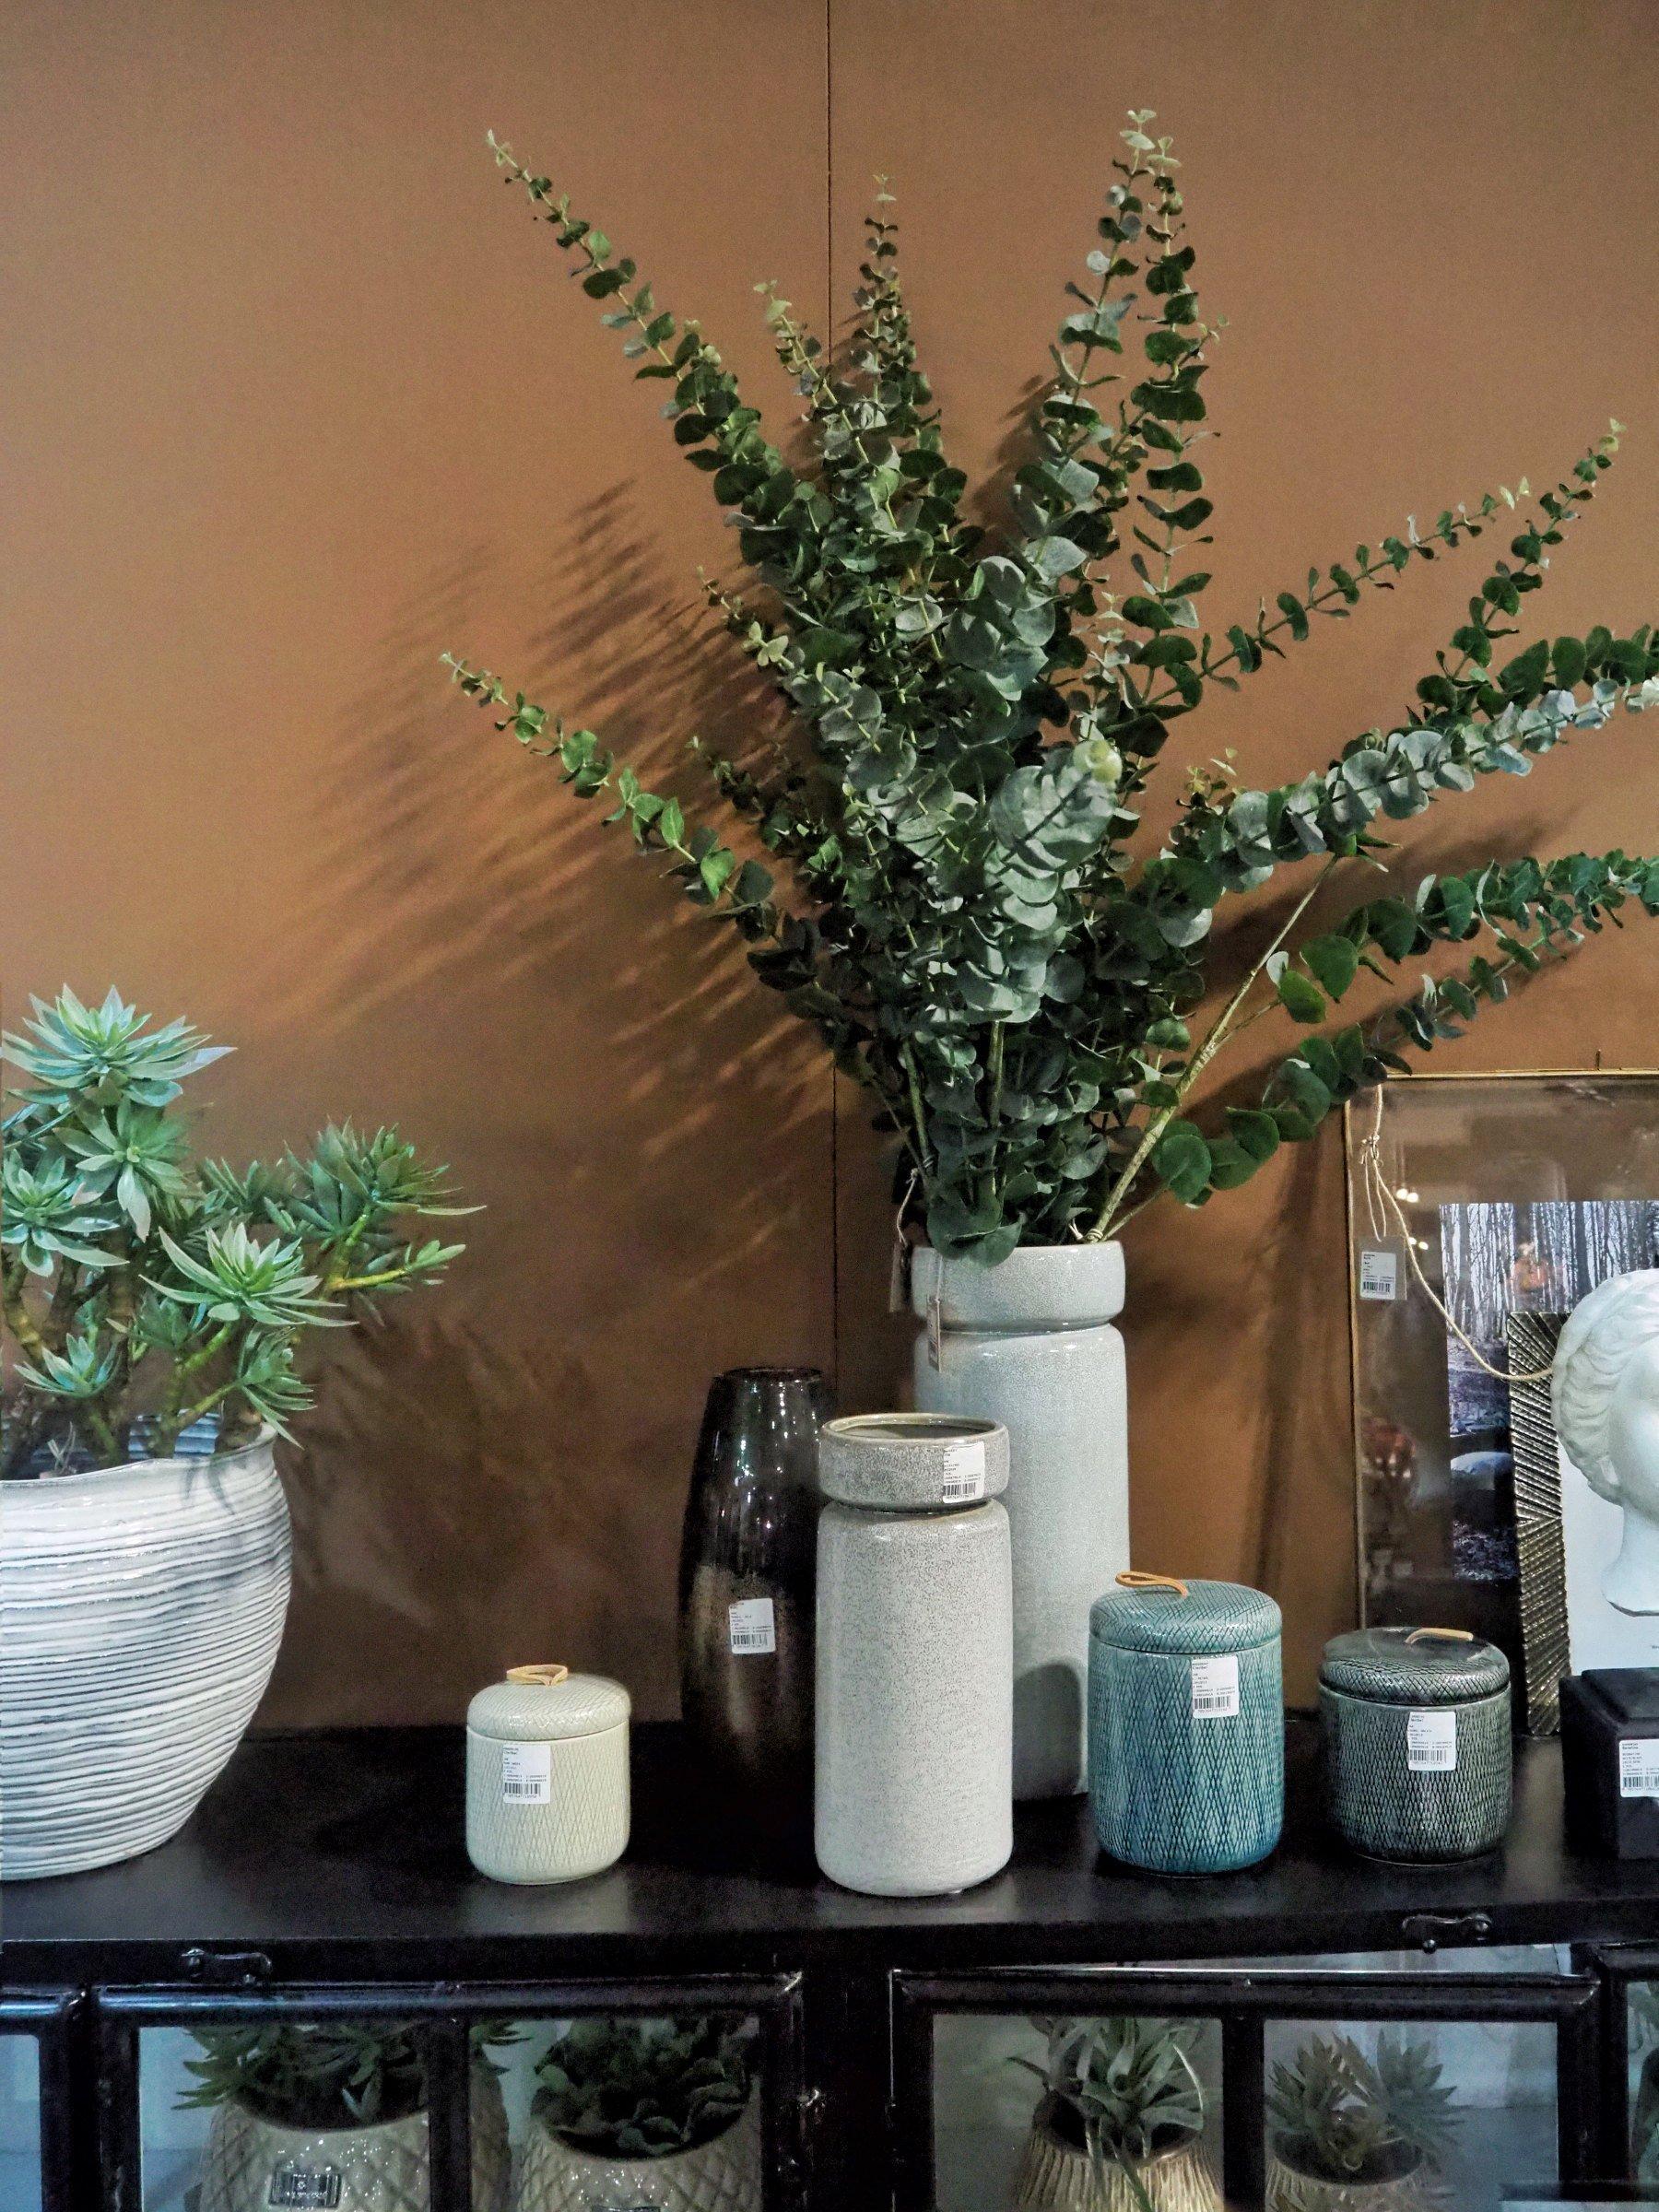 thatscandinavianfeeling homi outdoors trend 2020 lenebjerre ceramics